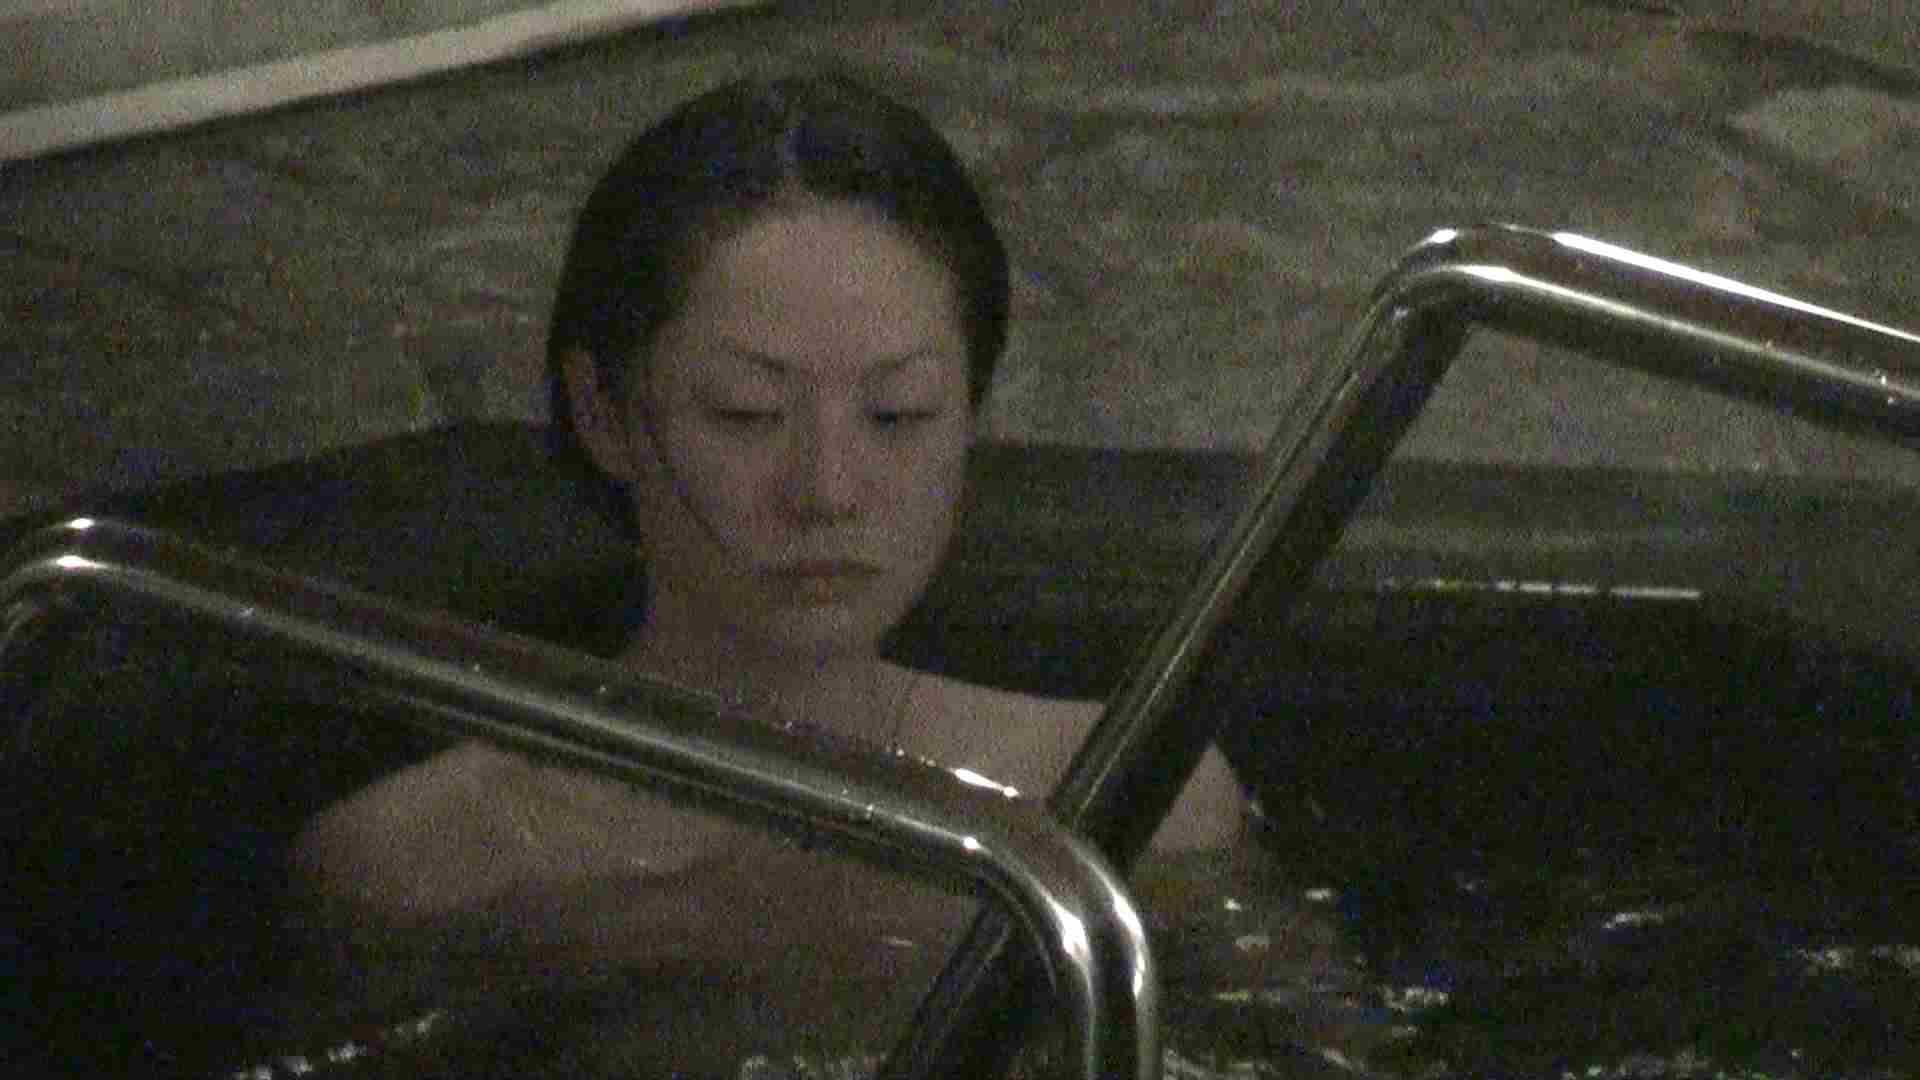 Aquaな露天風呂Vol.318 露天風呂突入 隠し撮りオマンコ動画紹介 105pic 92